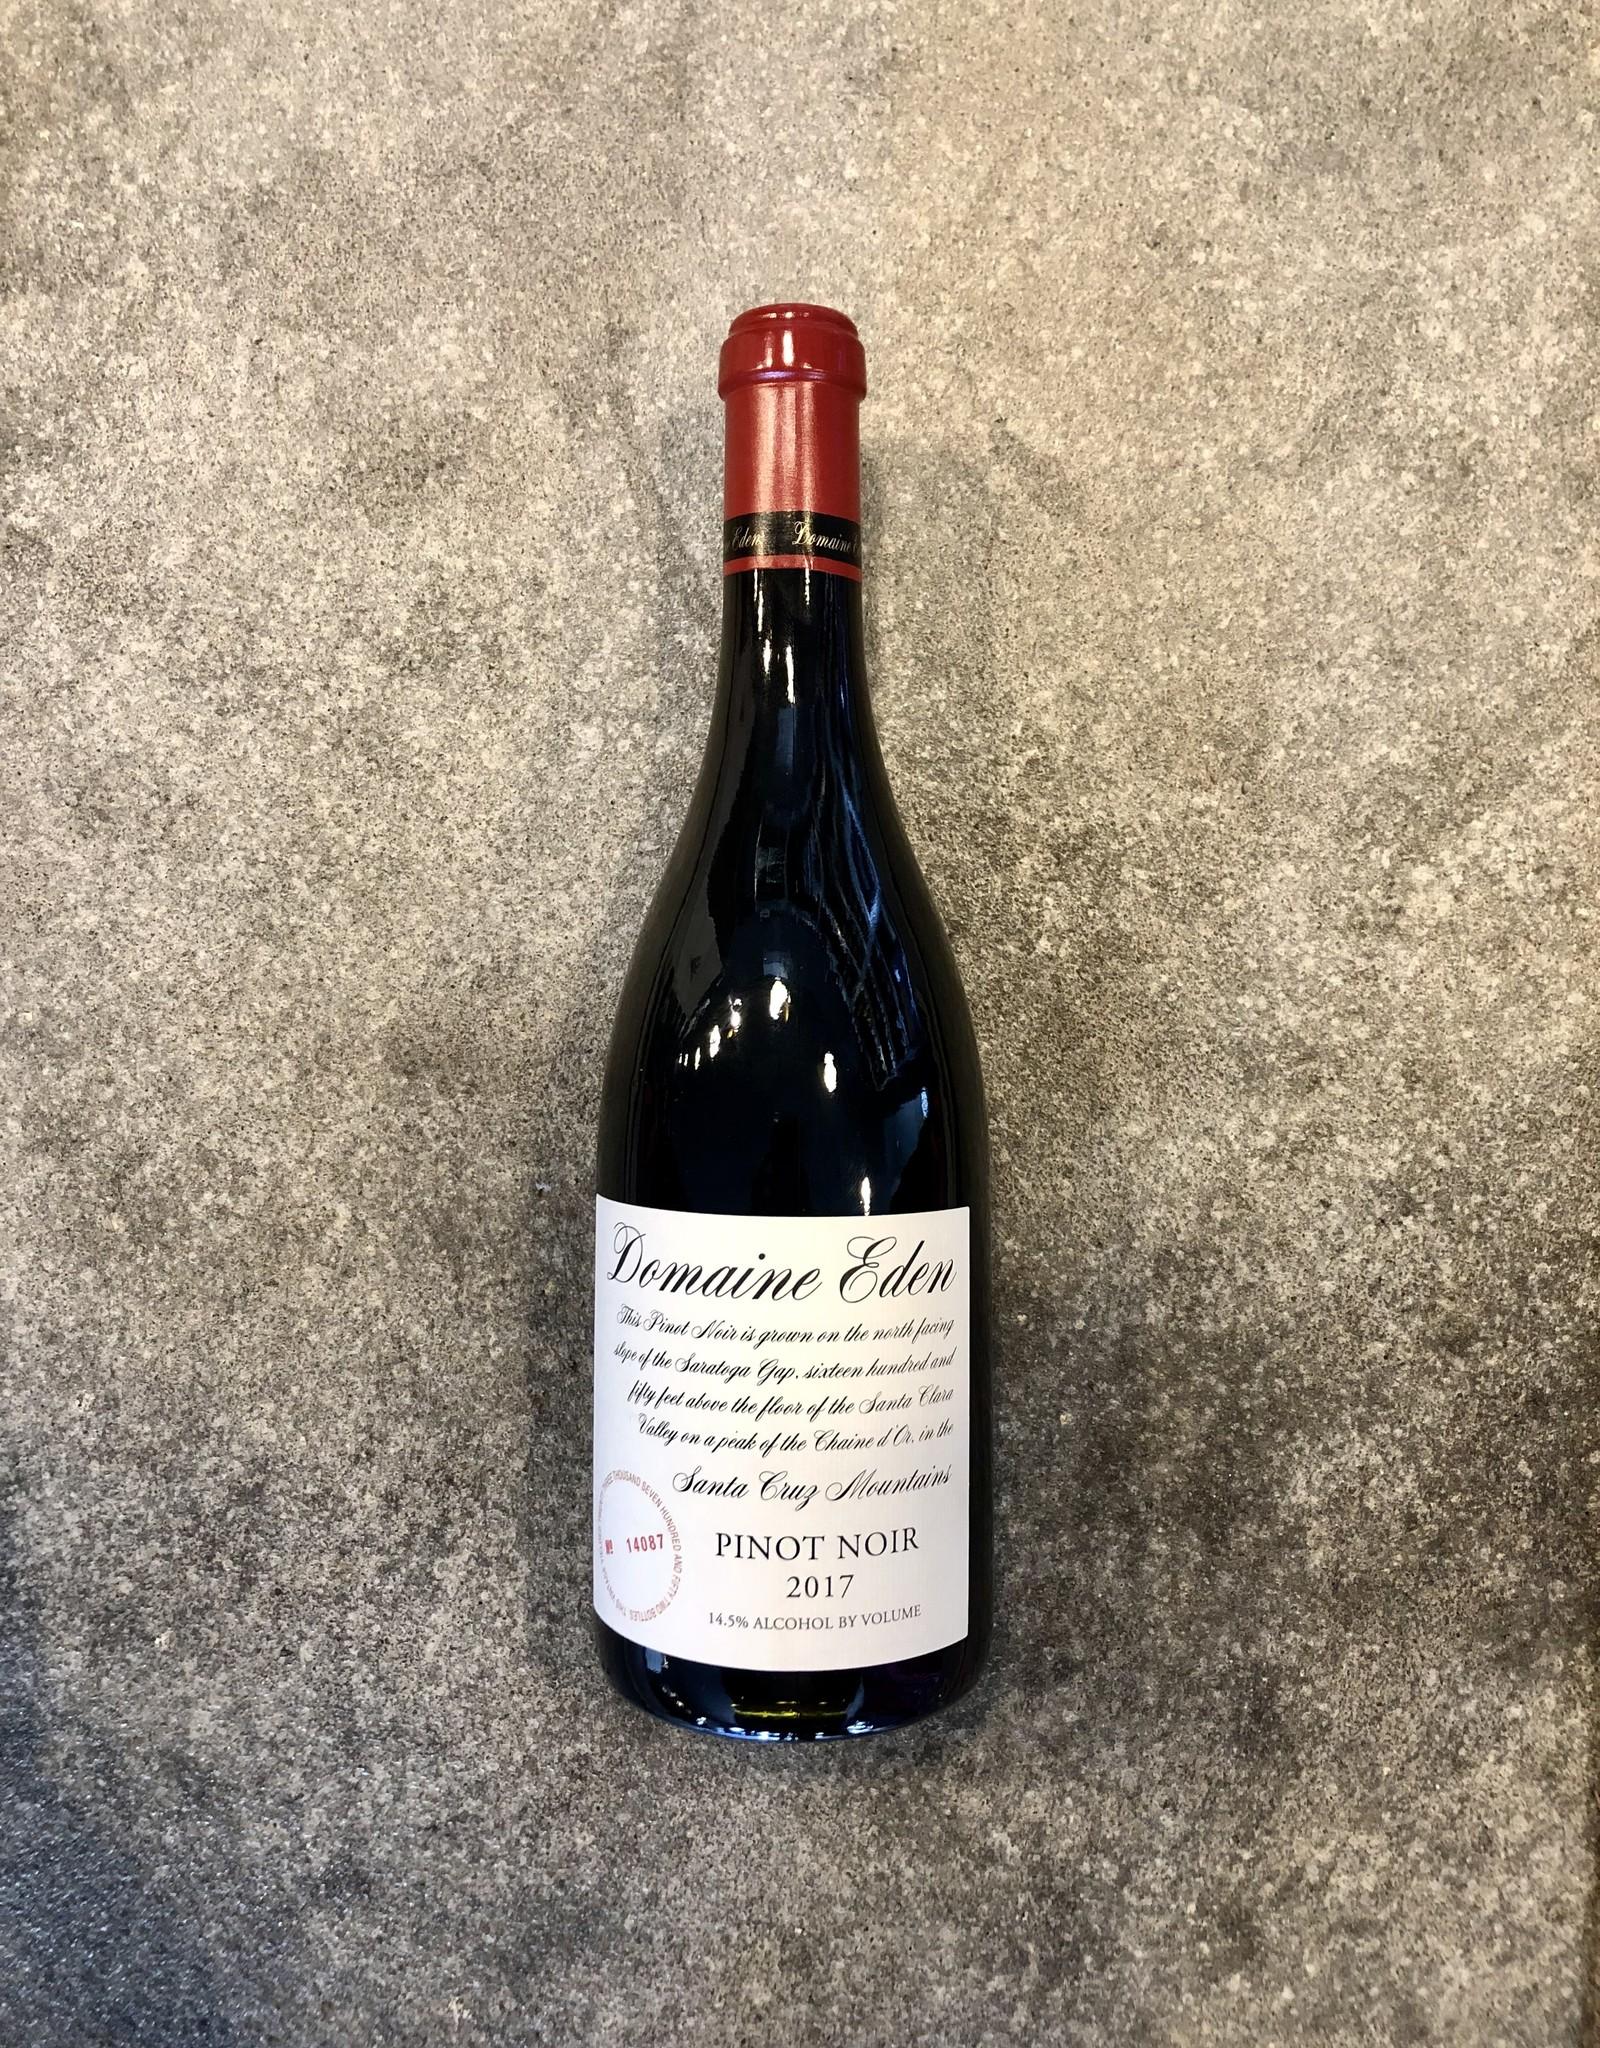 Mount Eden Vineyards Domaine Eden Pinot Noir 2017